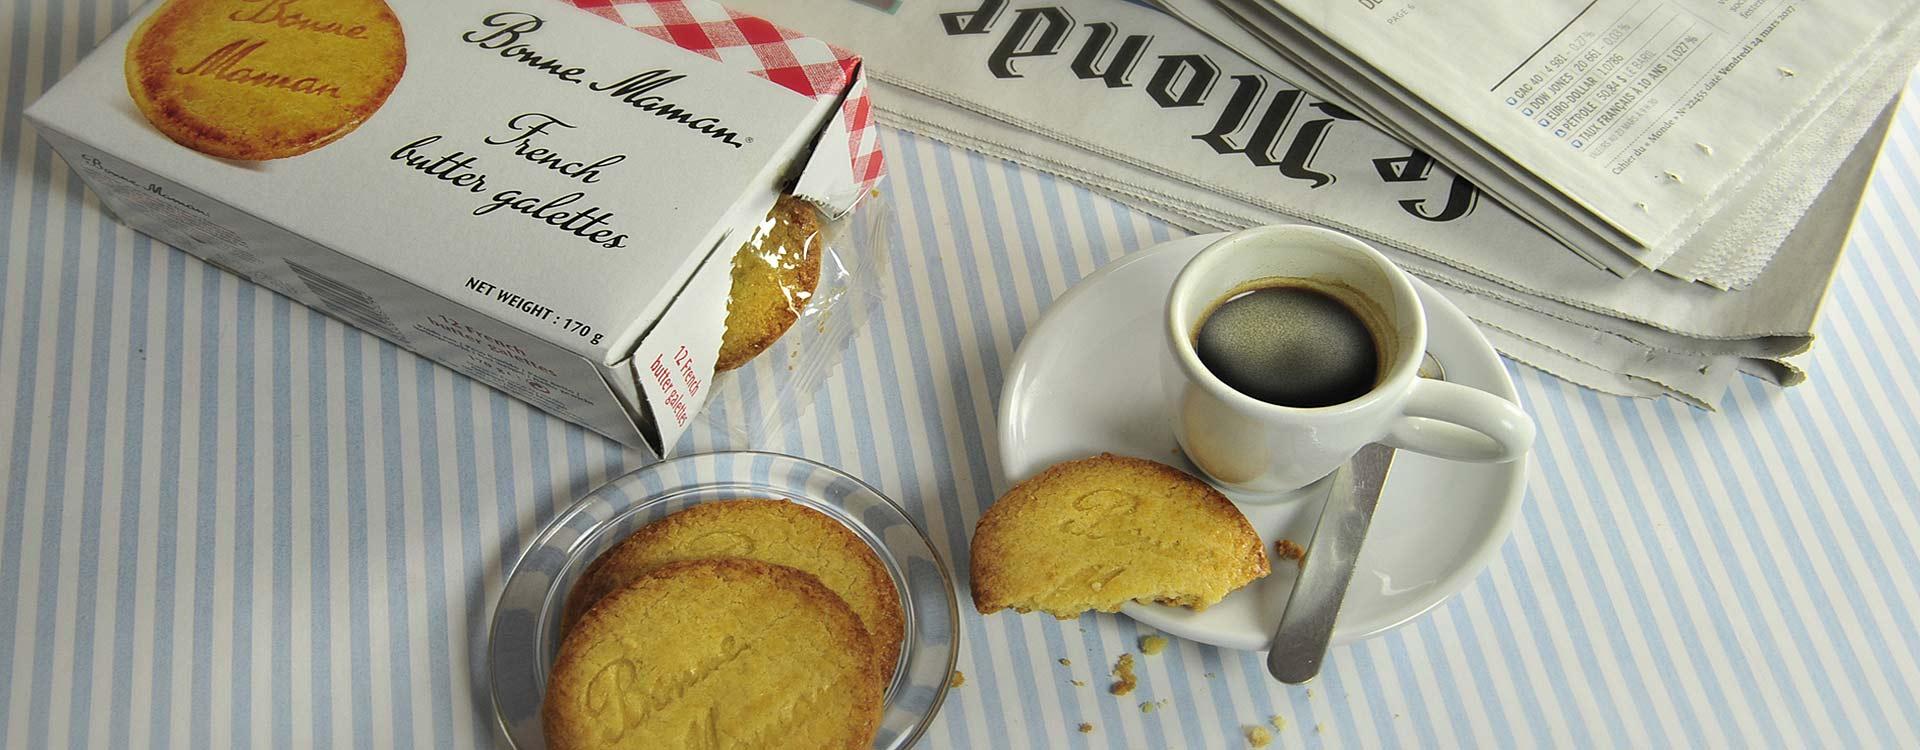 Top Food Feinkost - Bonne Maman Kekse